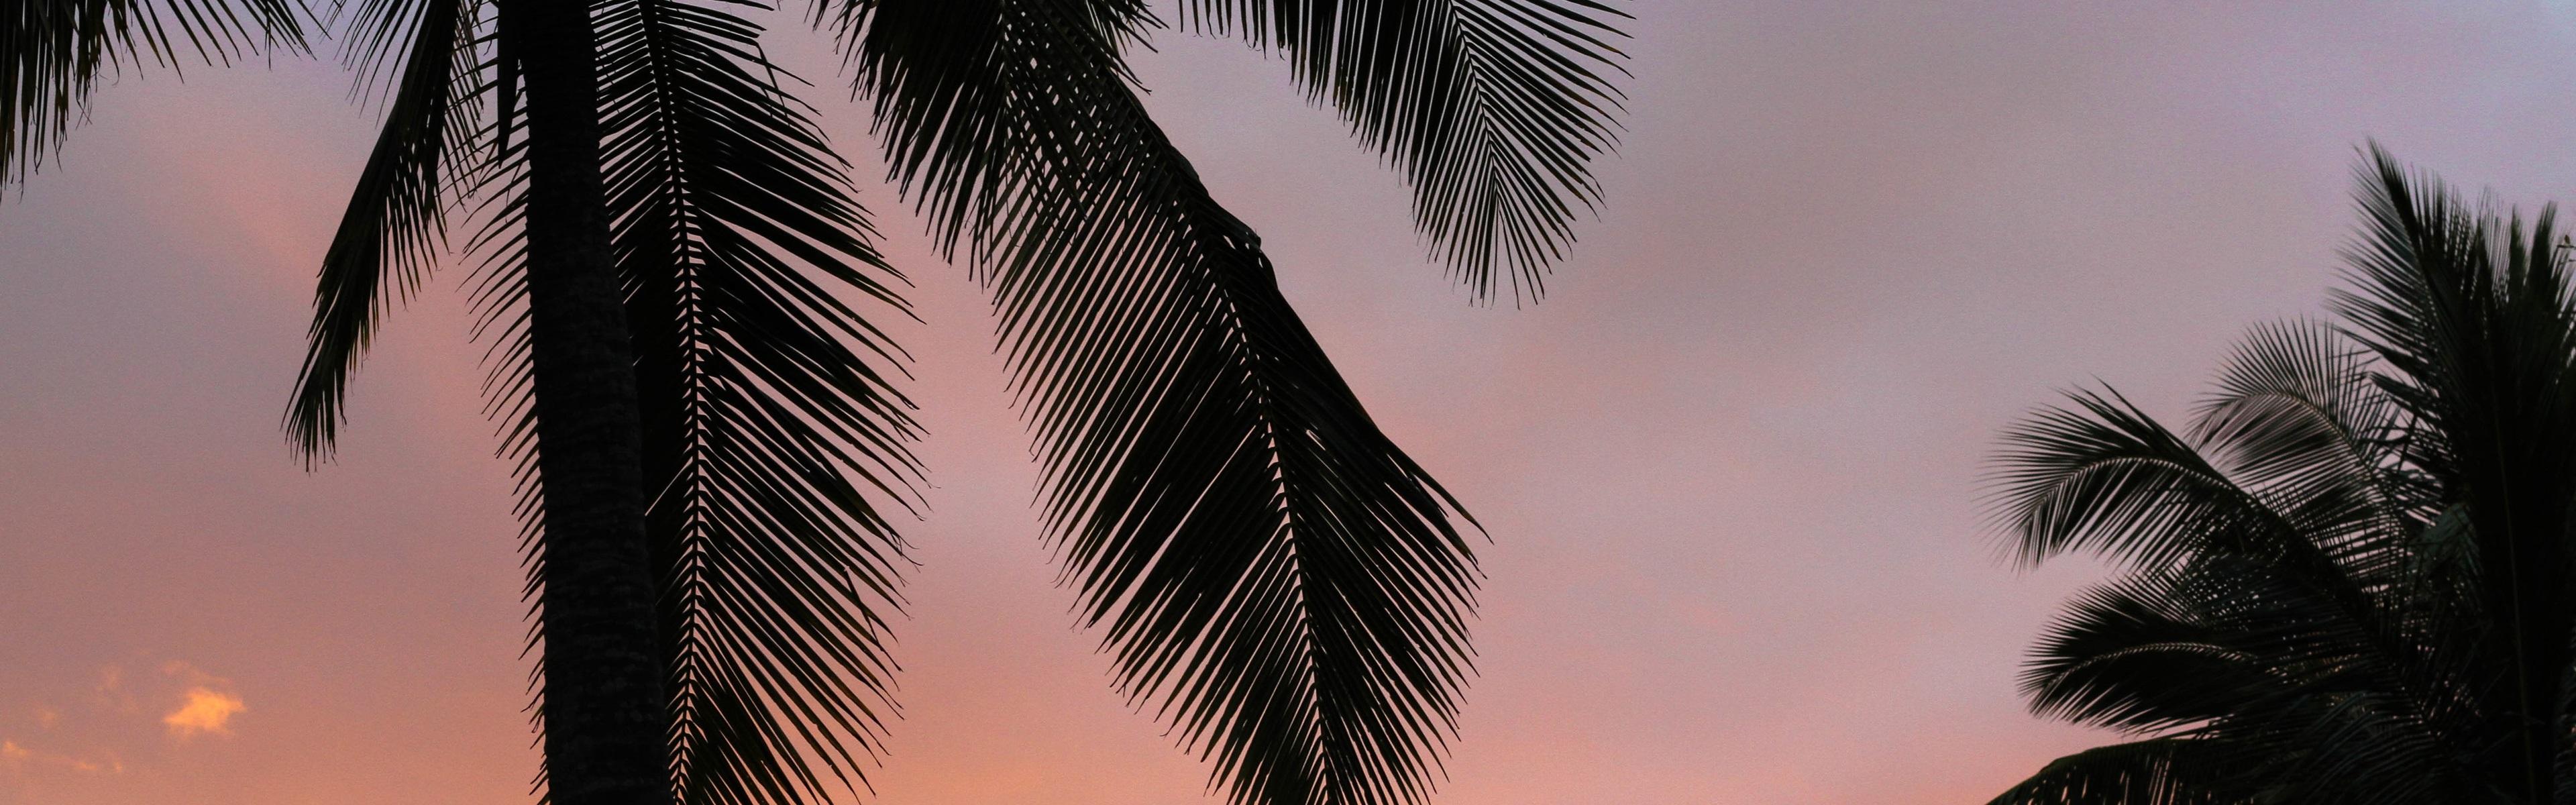 длинные картинки пальмы бокалу вина днем